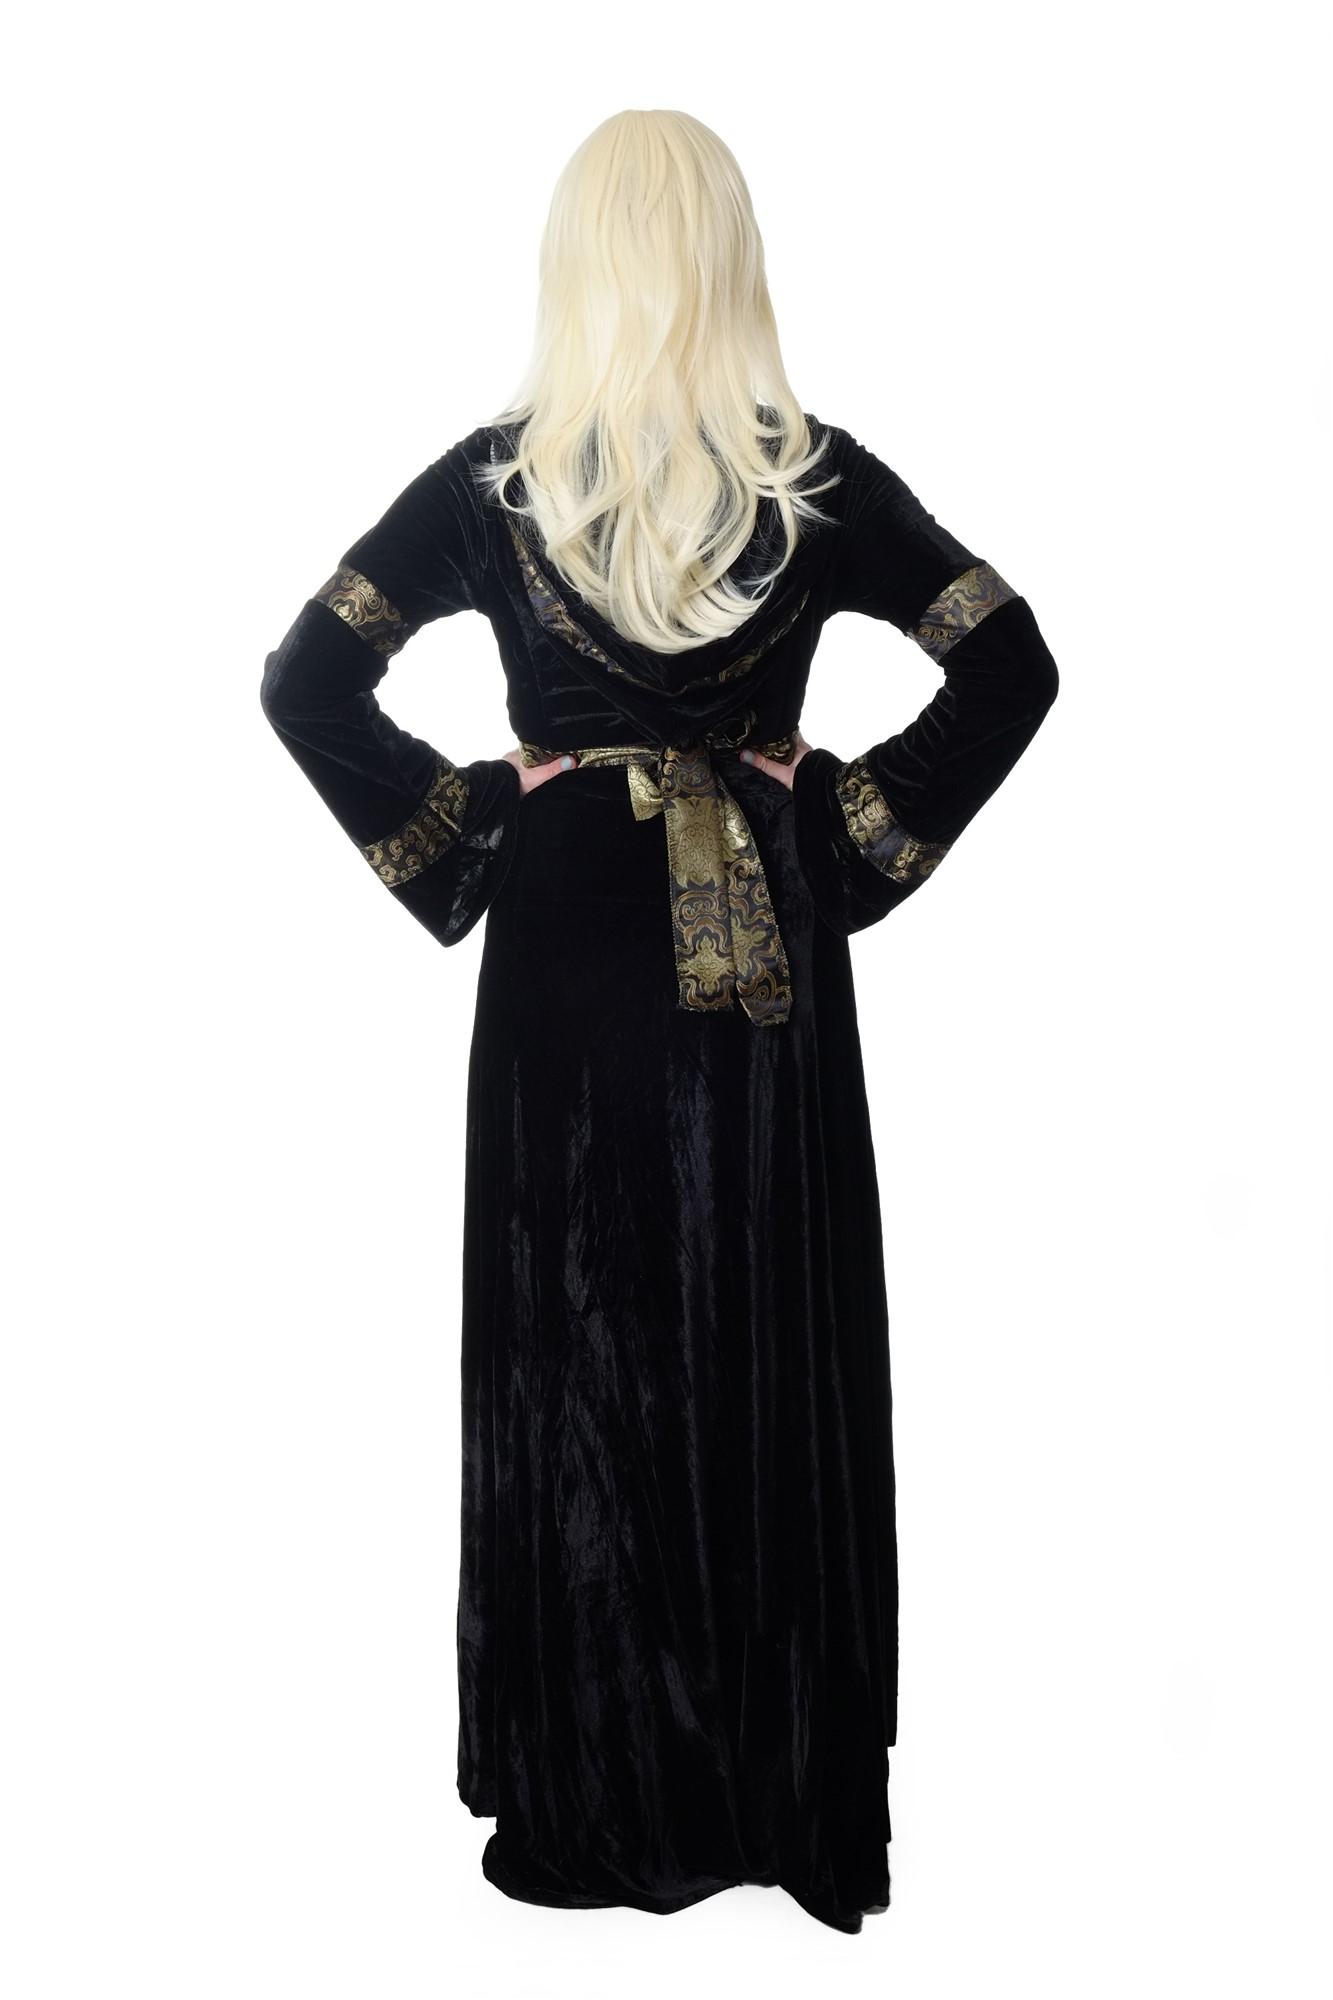 edles aufwändiges damen kostüm schwarz lang kleid elfe märchen mittelalter  k50